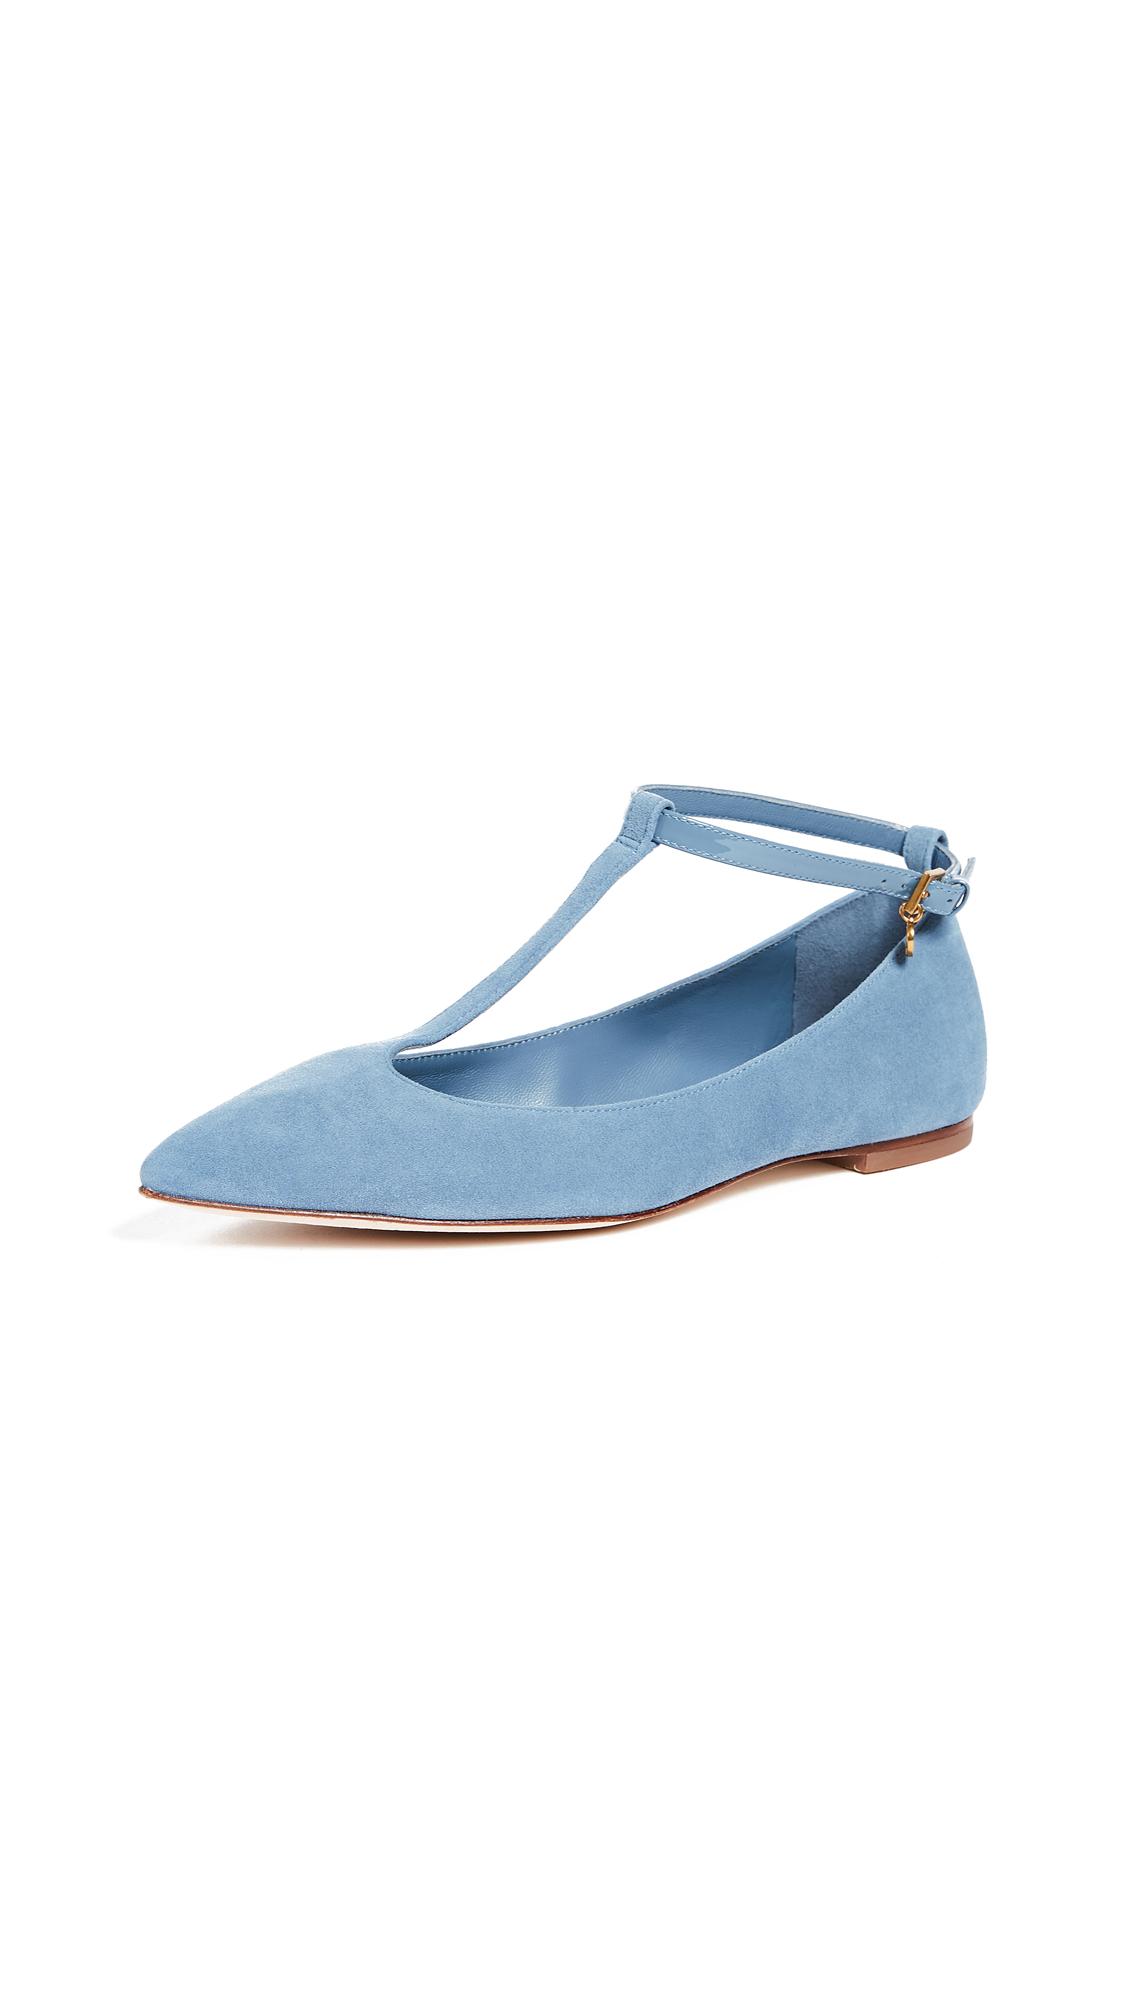 Tory Burch Ashton T-Strap Flats - Blue Yonder/Blue Yonder